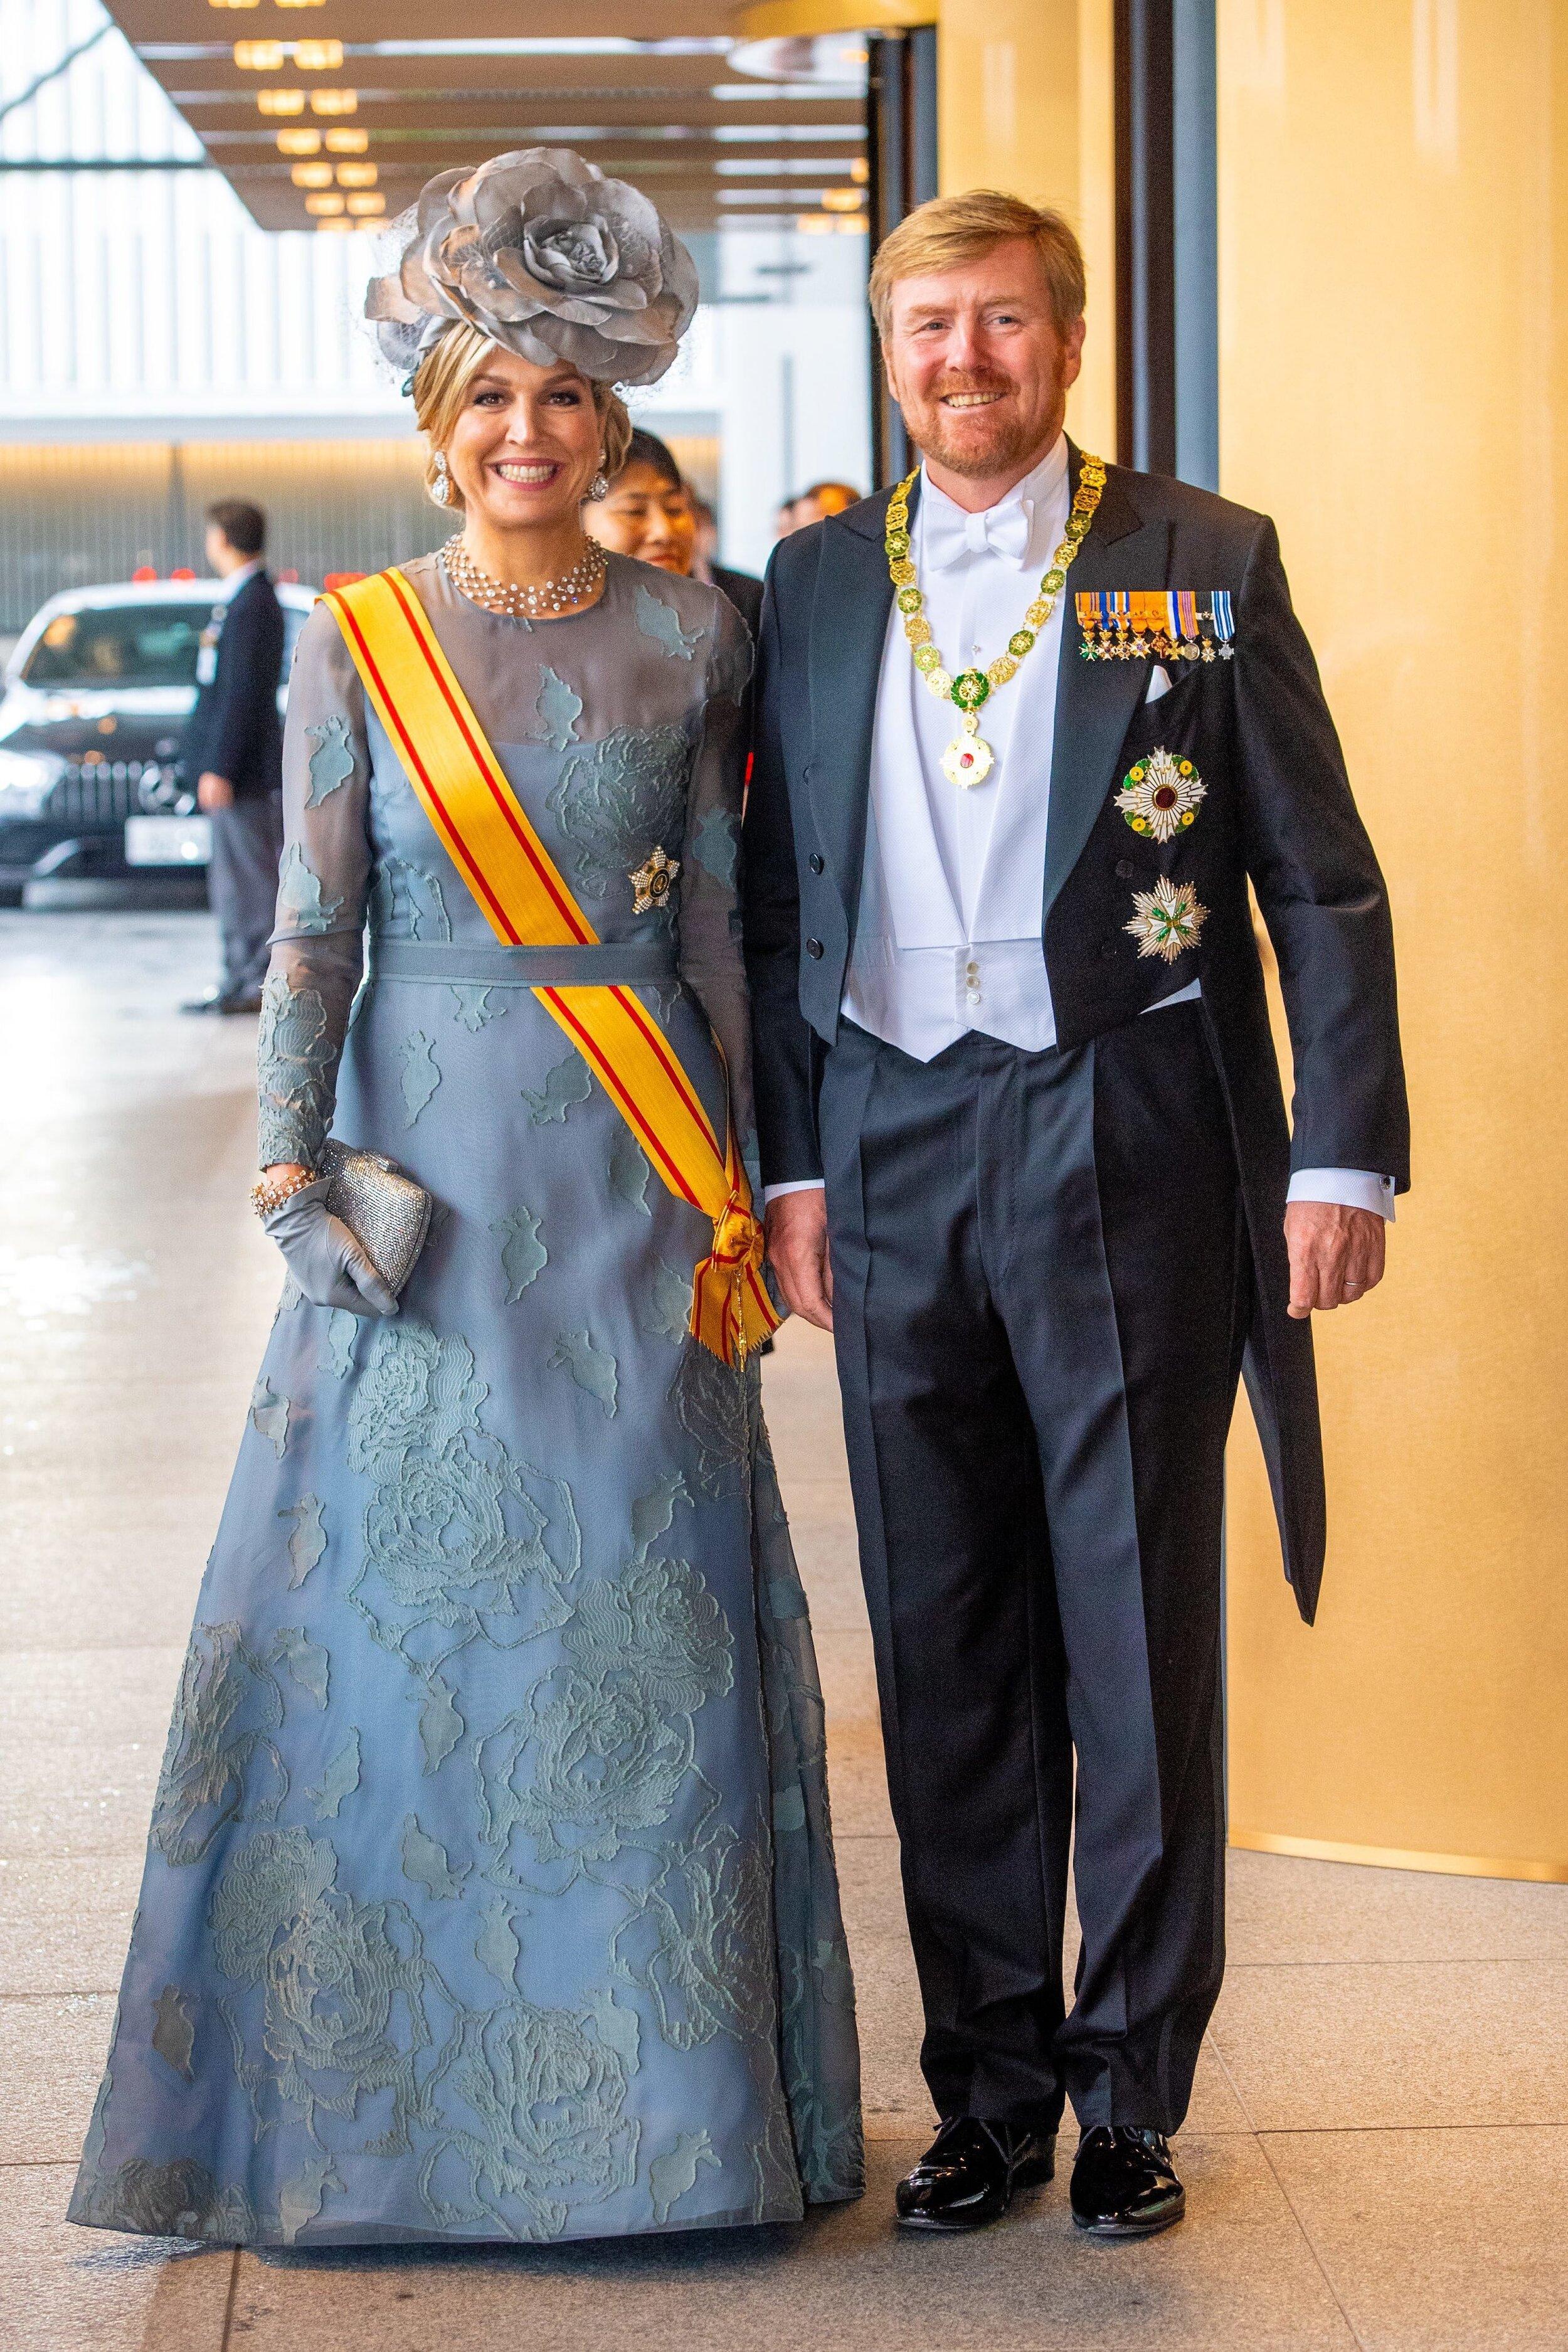 Königin Maxima hat für die Inthronisierung von Kaiser Naruhito ein alten Kleid recycelt. Die Natan-Robe in aquamarin trug sie bereits beim  Prinzentag 2017 . Ihre Hut stammt mit der auffälligen Rose stammt von Fabienne Delvigne.  © picture alliance/RoyalPress Europe